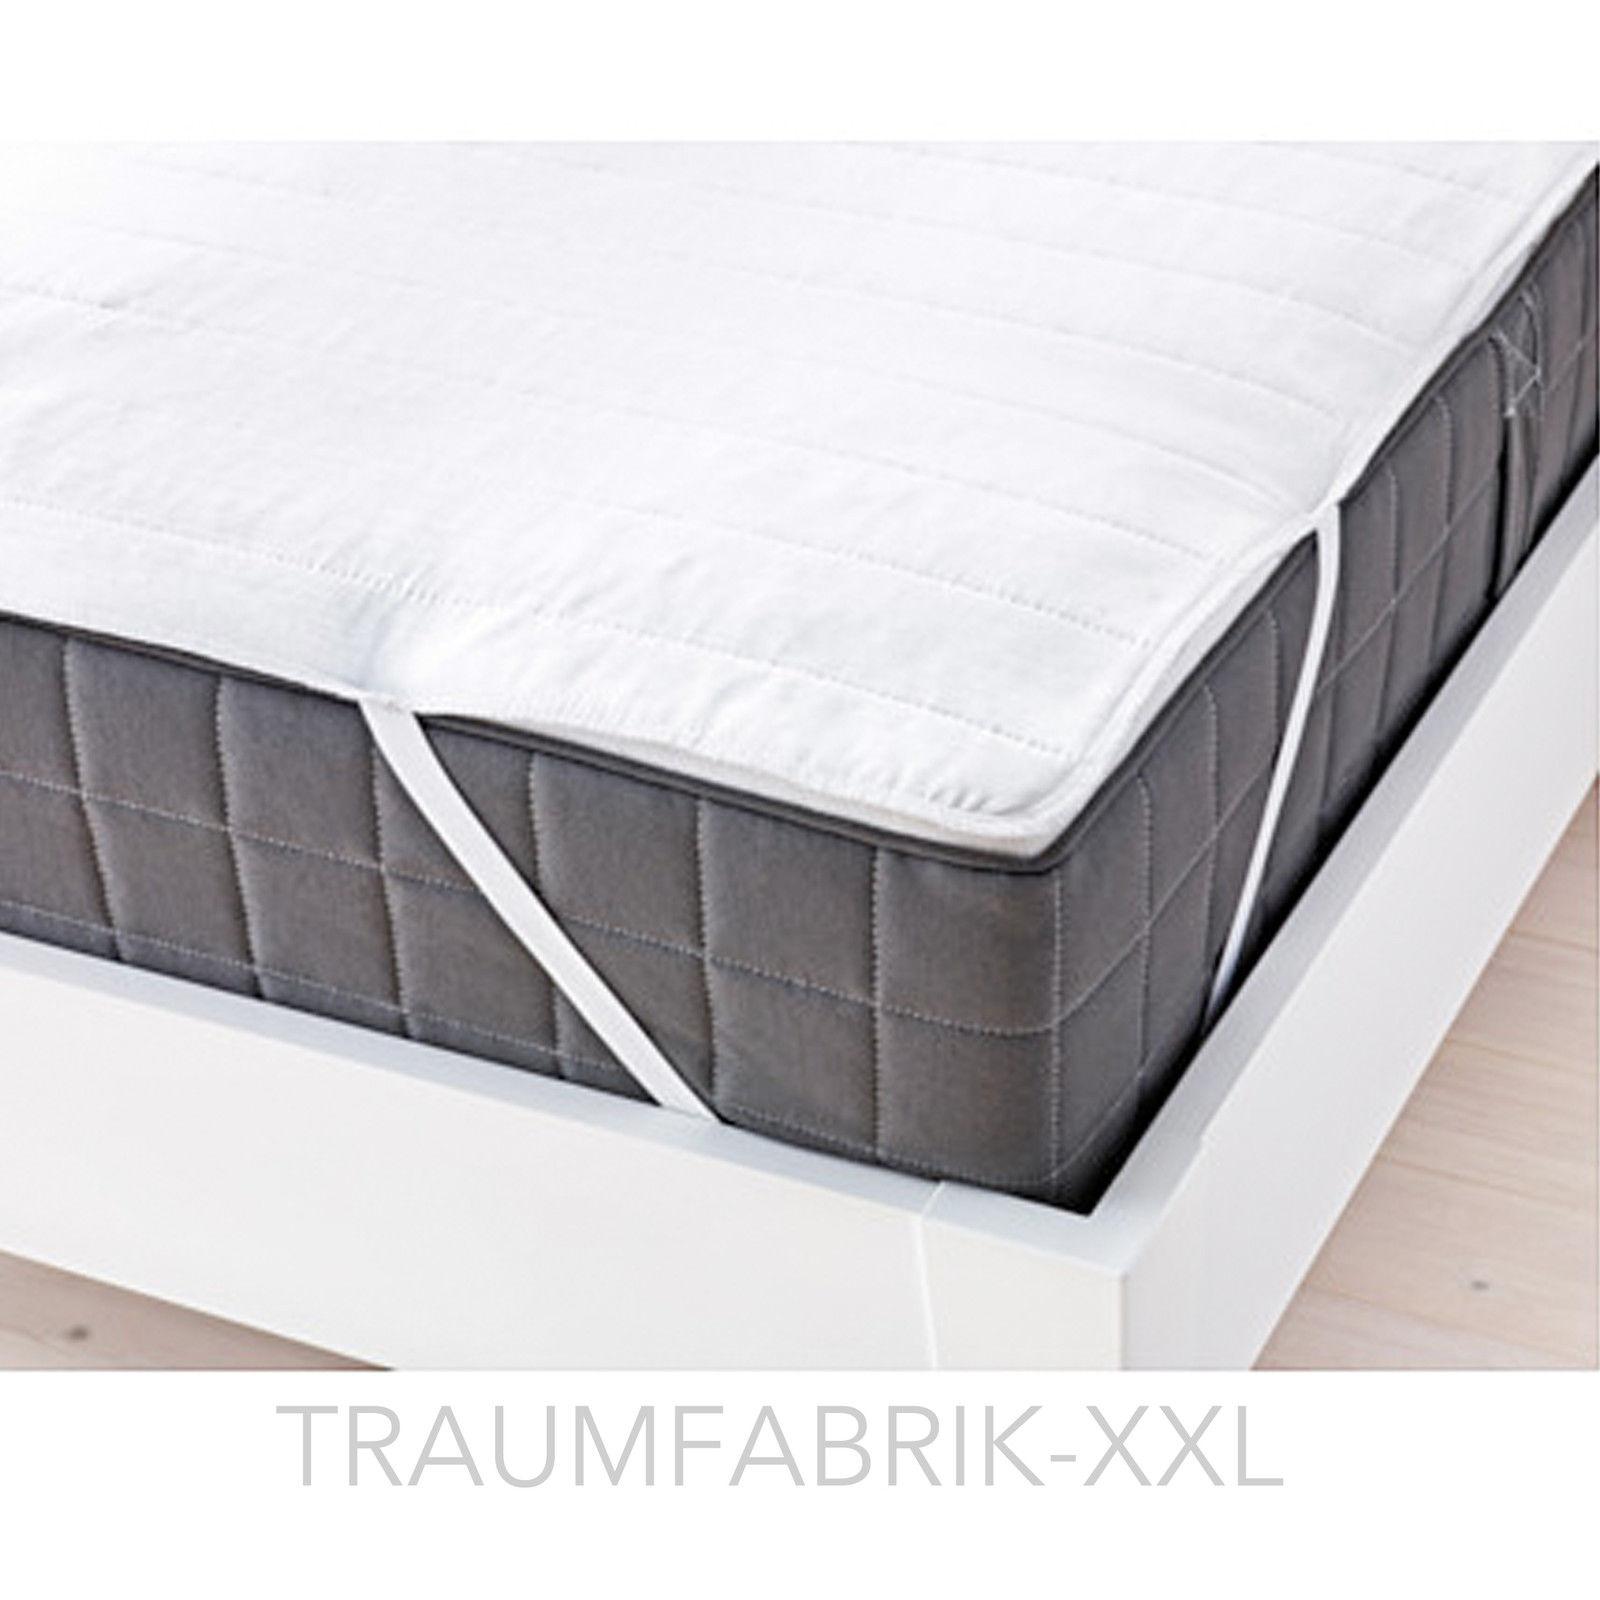 ikea matratzenschoner 160 200 cm matratzenschutz matratzen schutz auflage neu traumfabrik xxl. Black Bedroom Furniture Sets. Home Design Ideas